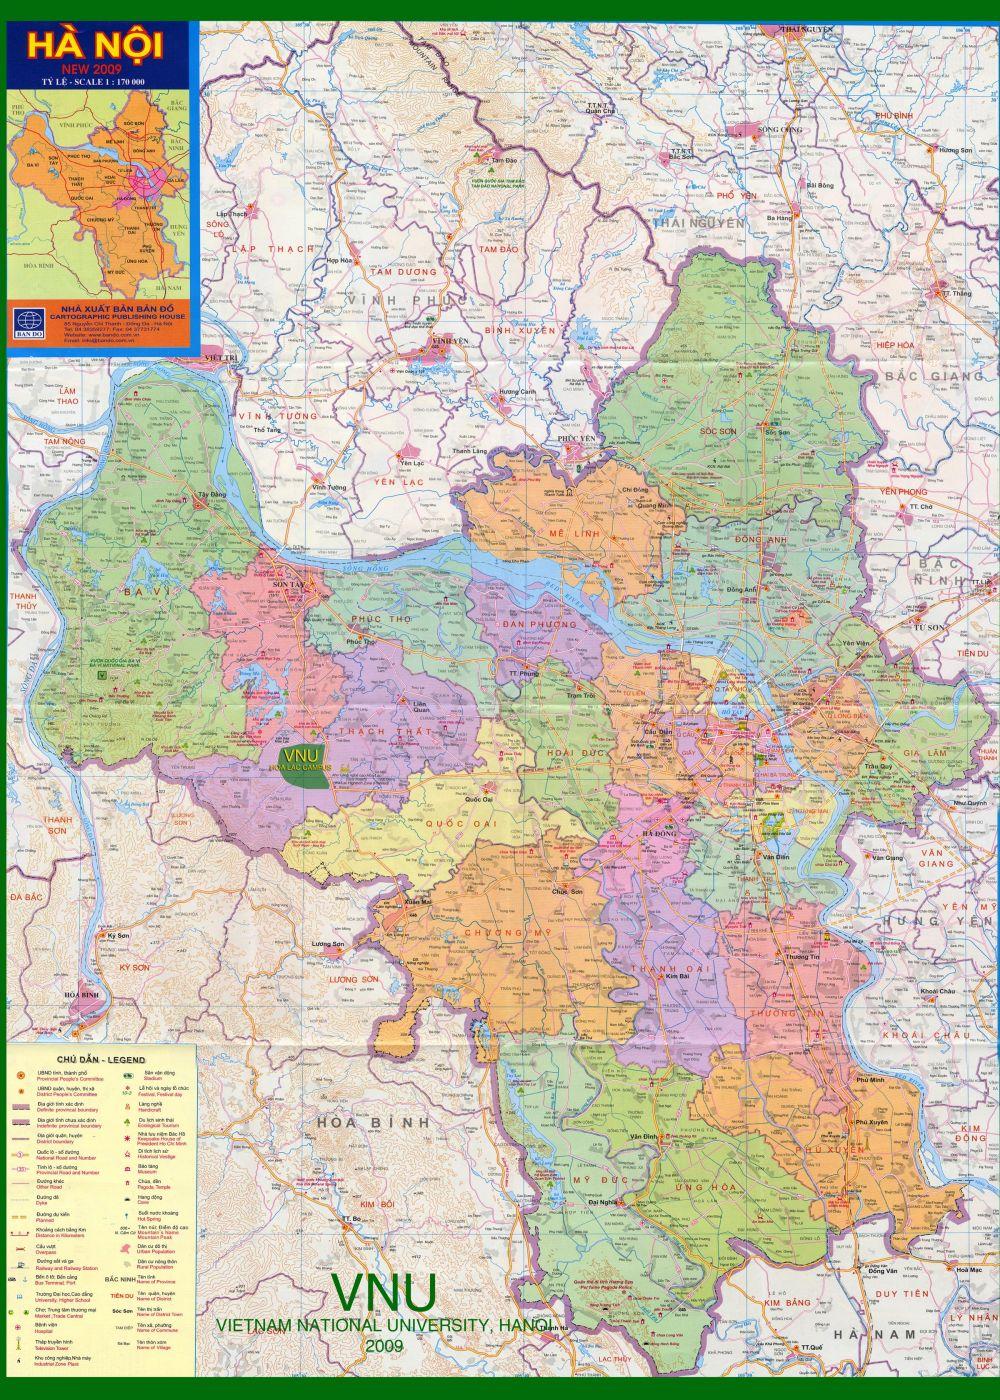 10203627 ban do ha noi 12 quan moi nhat - Bản đồ TP Hà Nội hiện tại có 30 đơn vị hành chính cấp huyện,